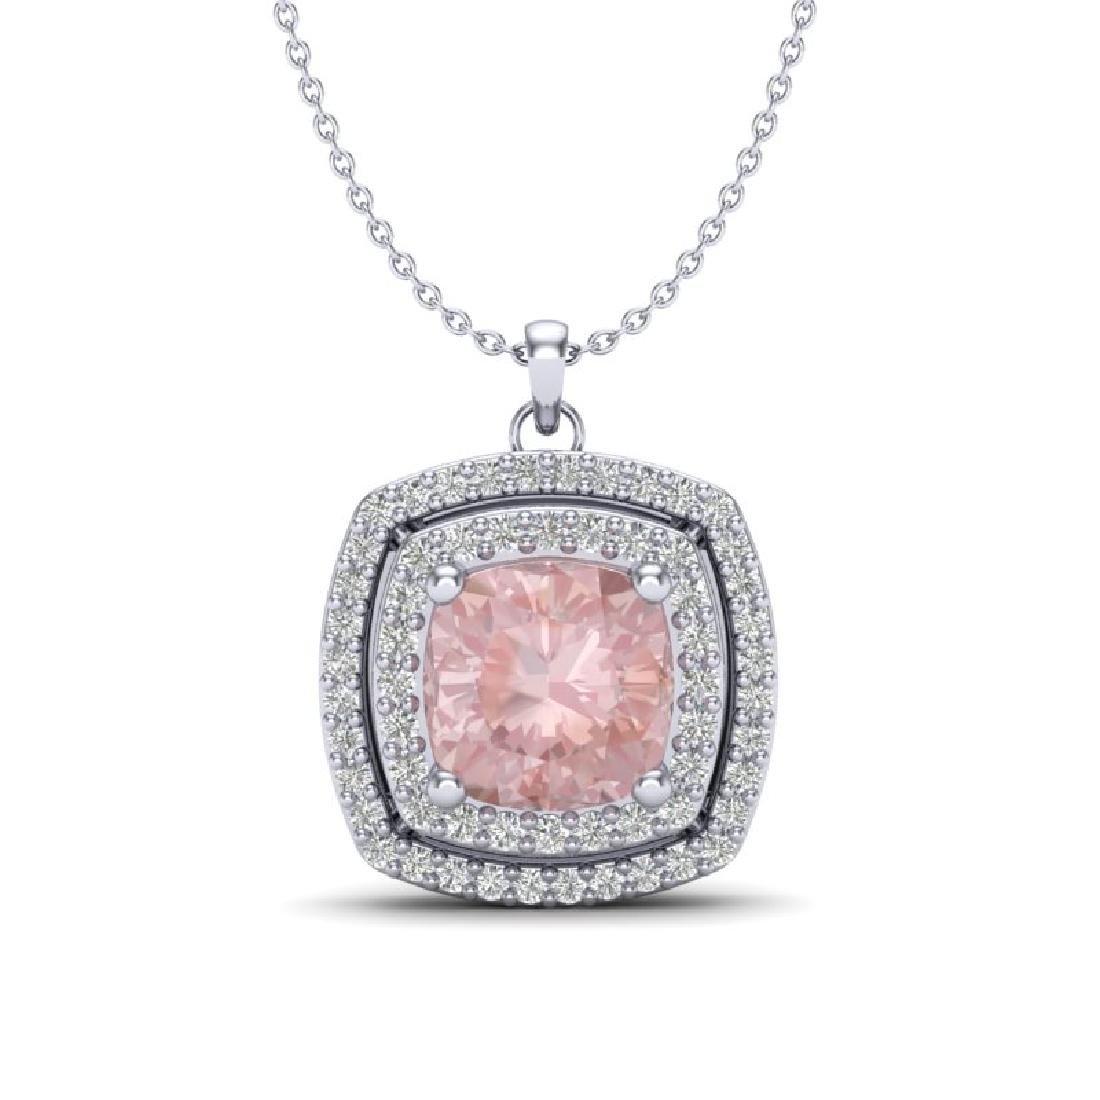 1.97 CTW Morganite & Micro VS/SI Diamond Halo Necklace